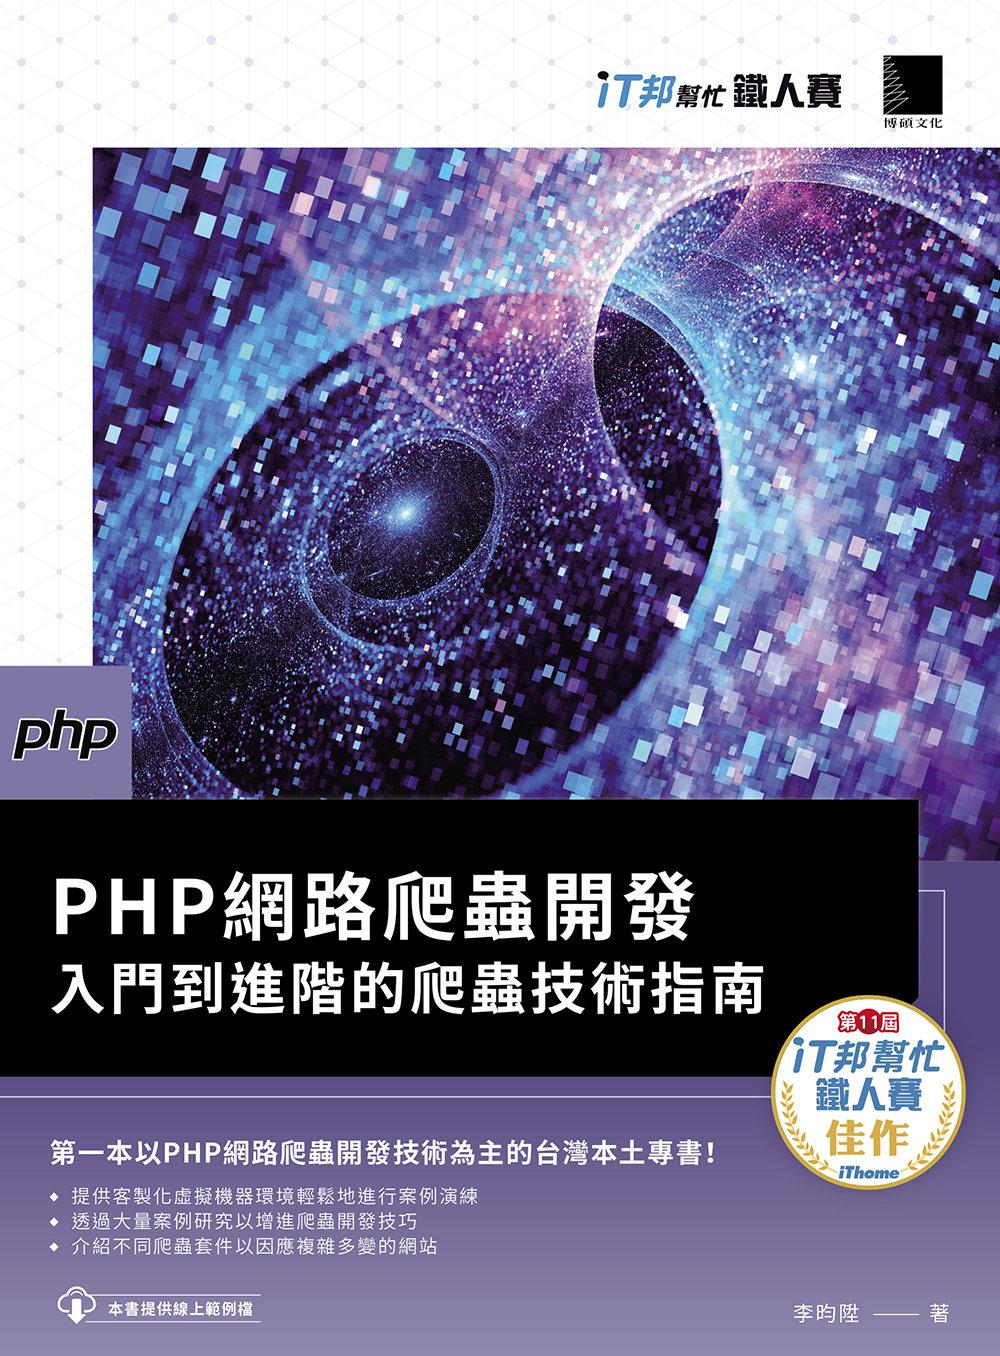 PHP 網路爬蟲開發:入門到進階的爬蟲技術指南(iT邦幫忙鐵人賽系列書)-preview-2